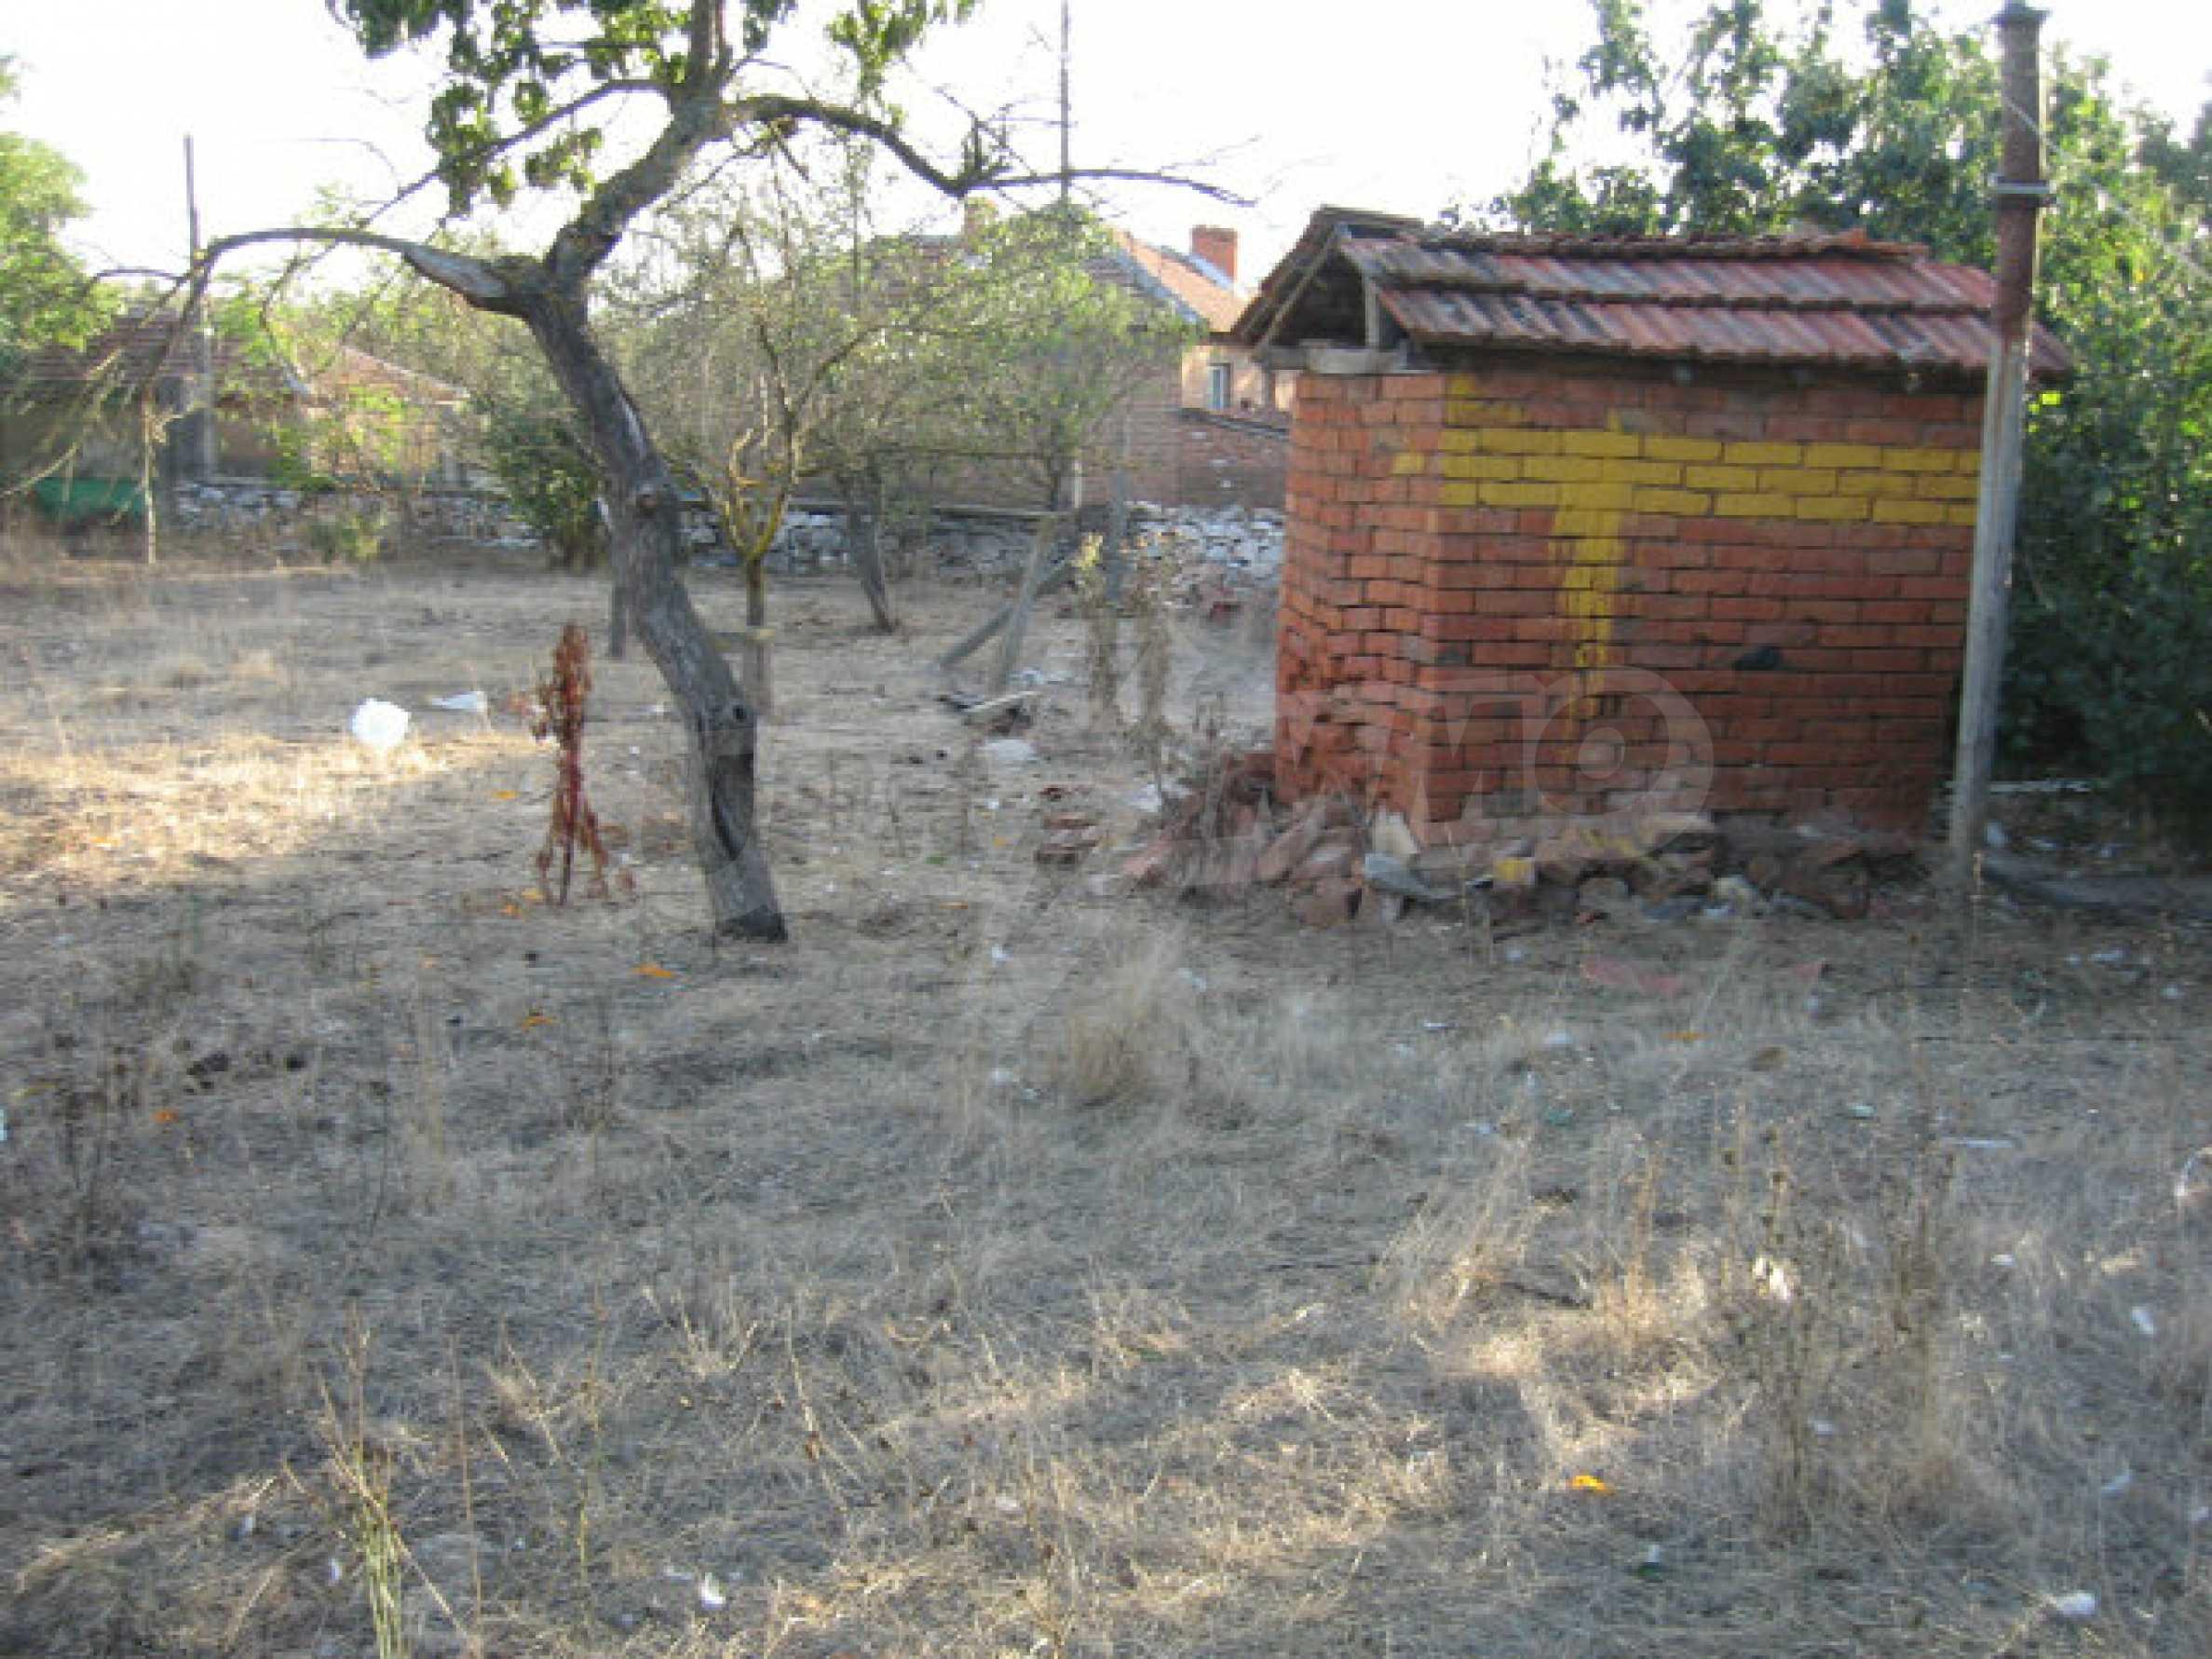 Sonniges zweistöckiges Haus in einem kleinen Dorf in der Nähe der Flüsse Tundzha und Elhovo 30